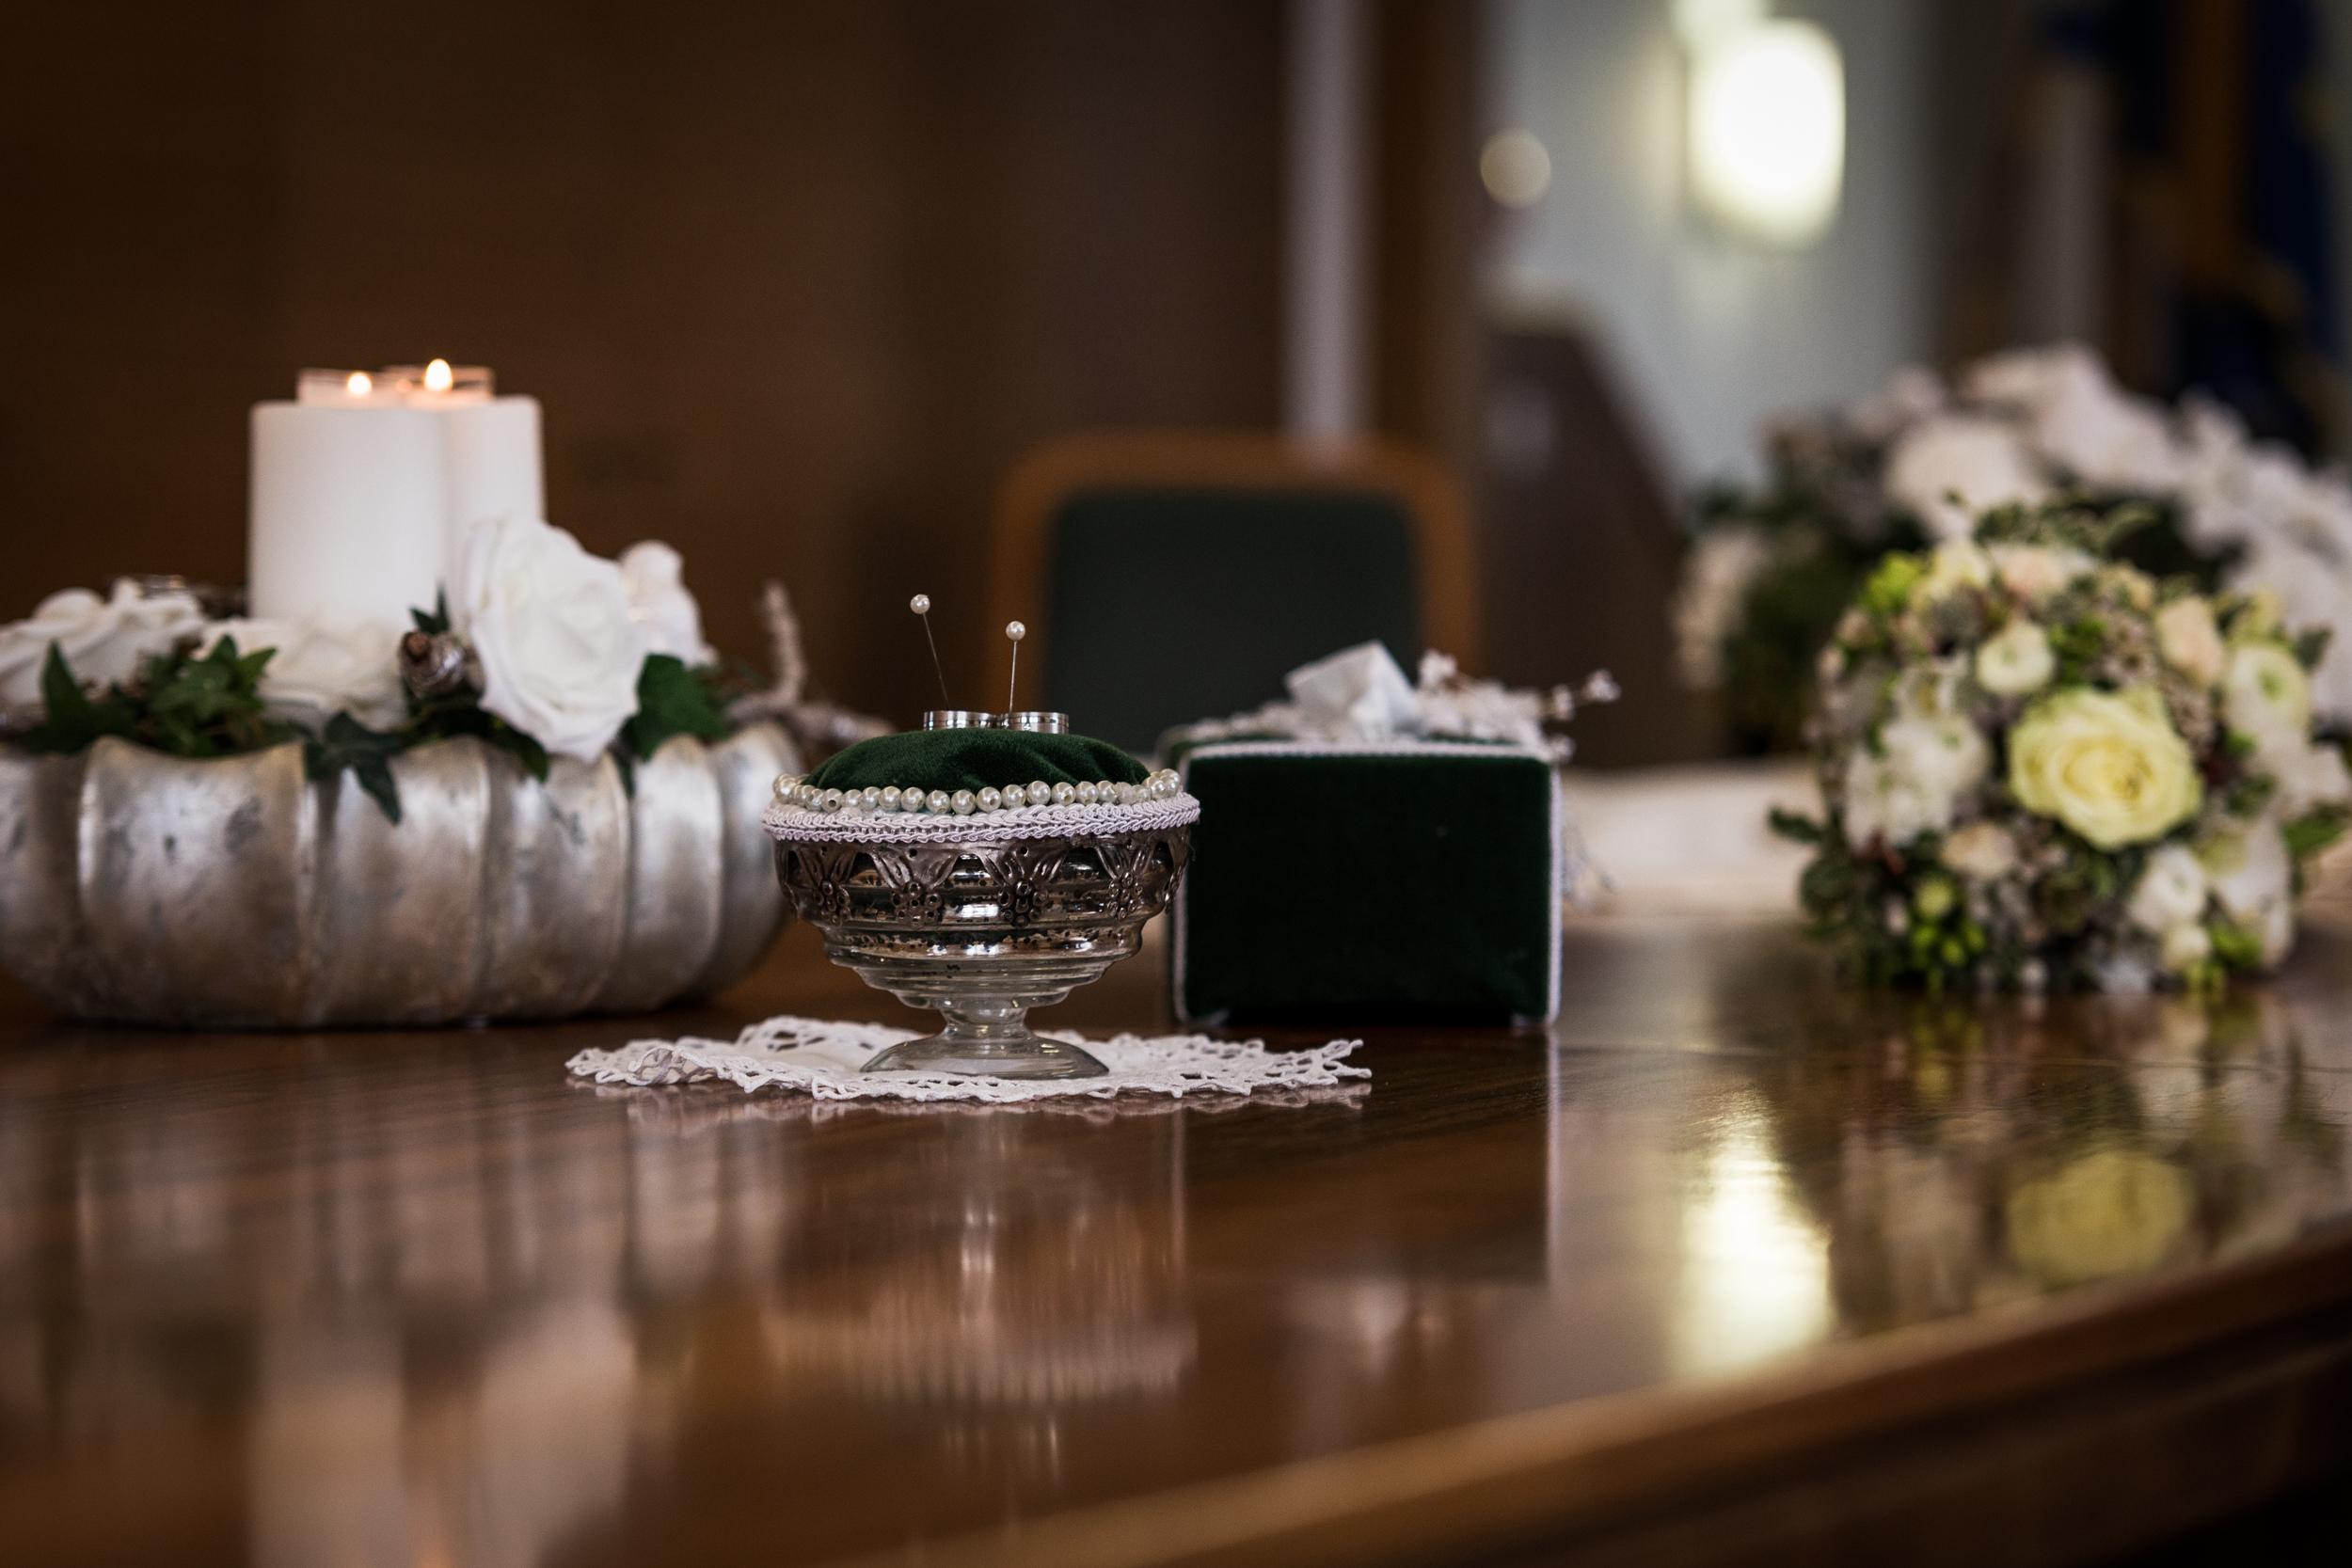 20190212_Hochzeit Koenig_0046.jpg